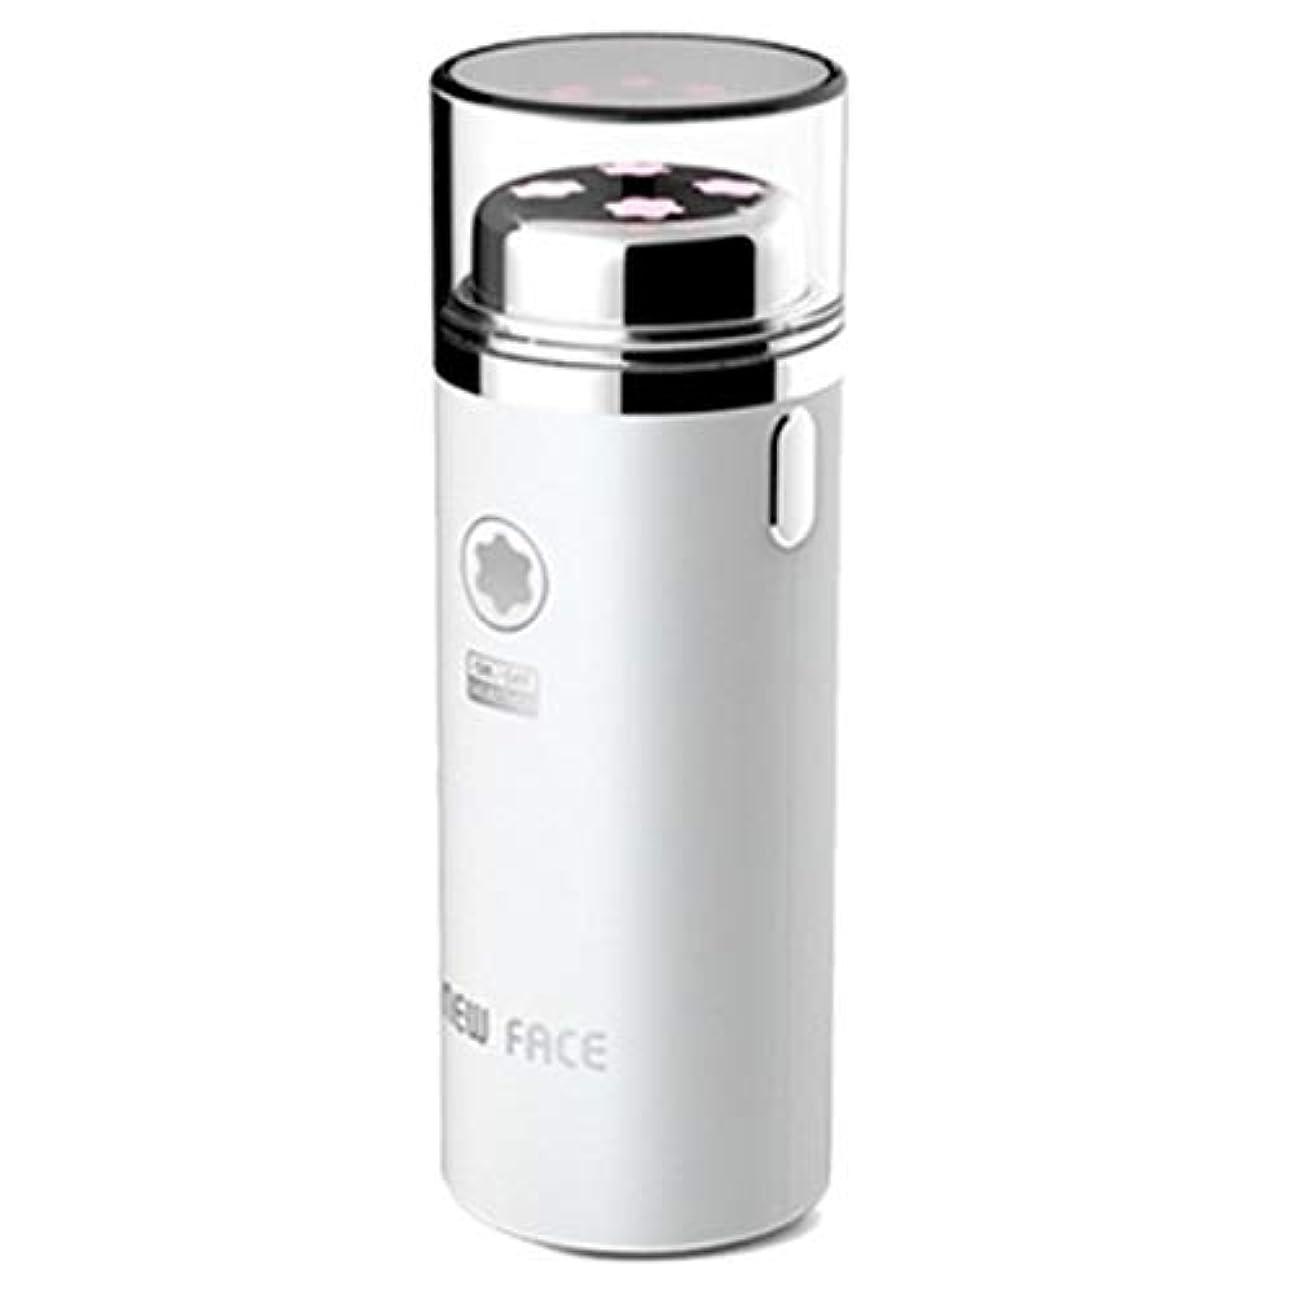 第三イヤホン受動的エラニューフェイスガルバニックマイクロ振動イオンスキンマッサージャーEFM-2500ホワイト Elra New Face Galvanic Micro Vibration Ion Skin Massager EFM-2500...